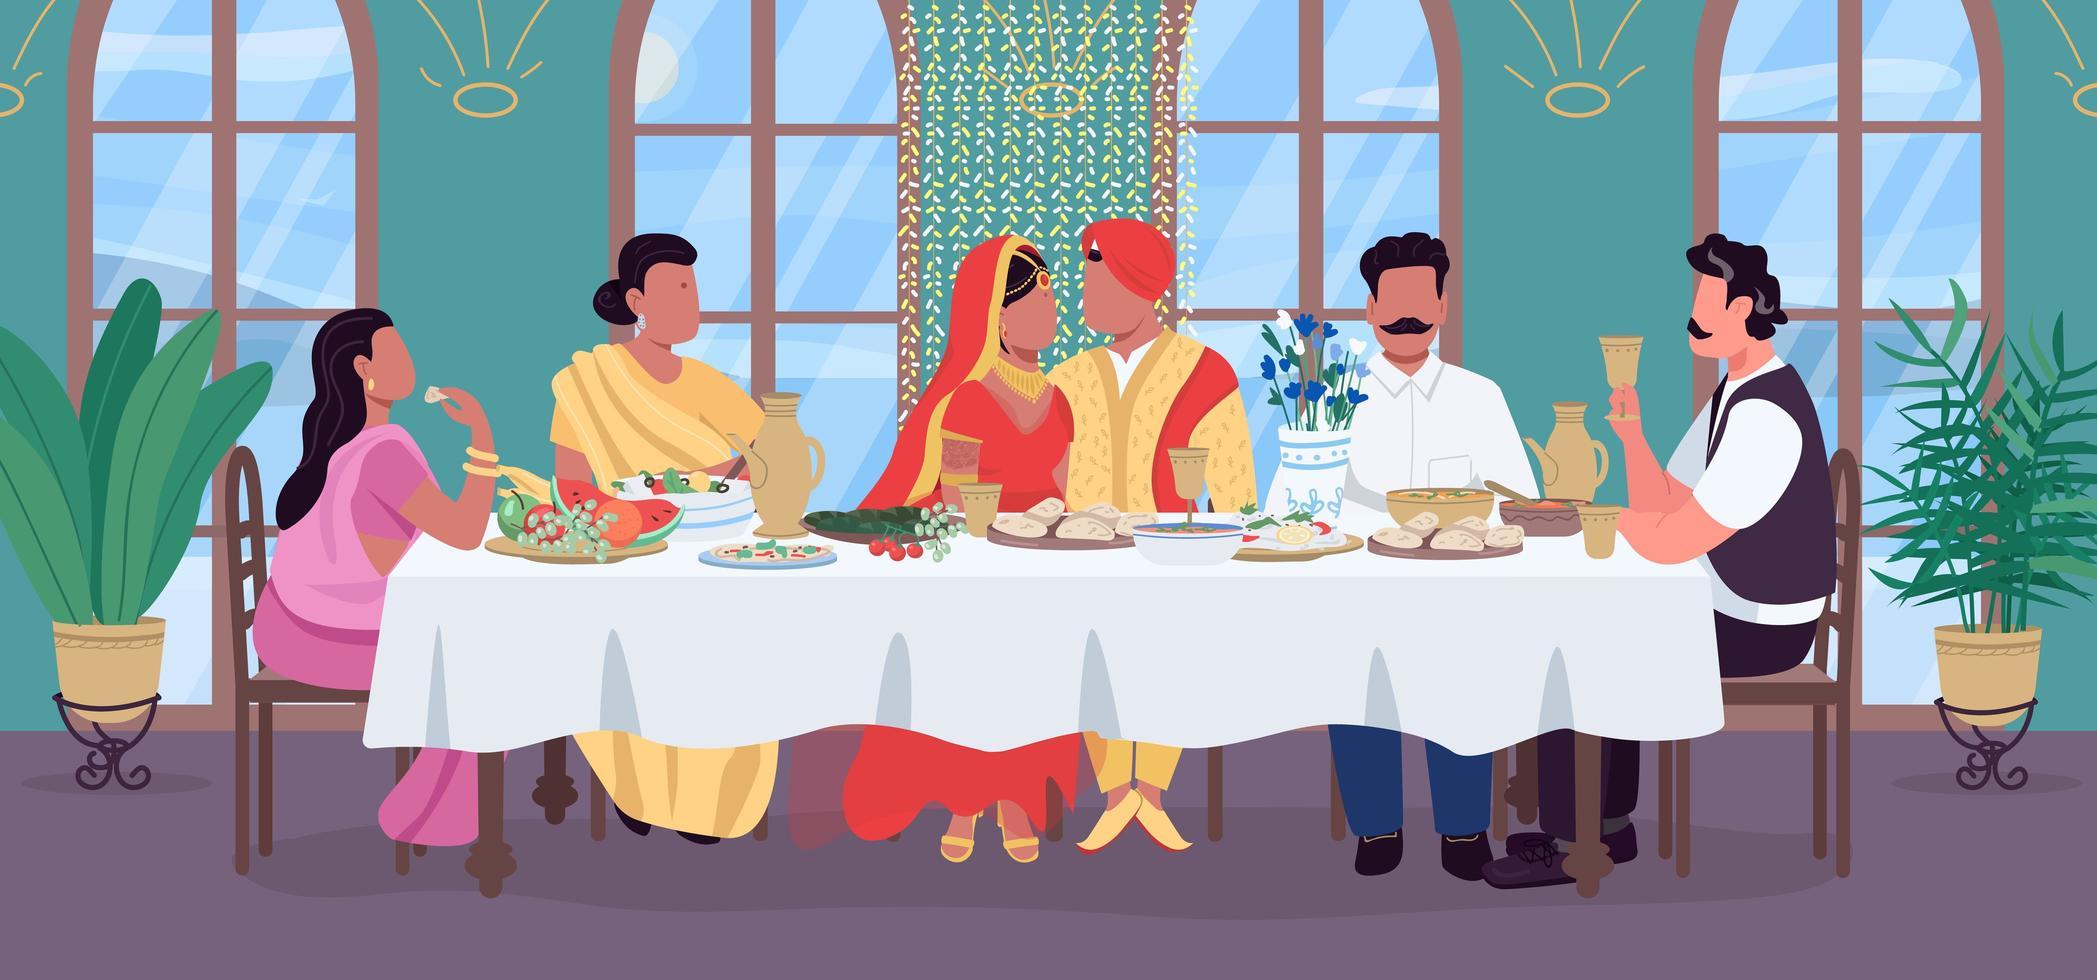 indisches Hochzeitsessen vektor